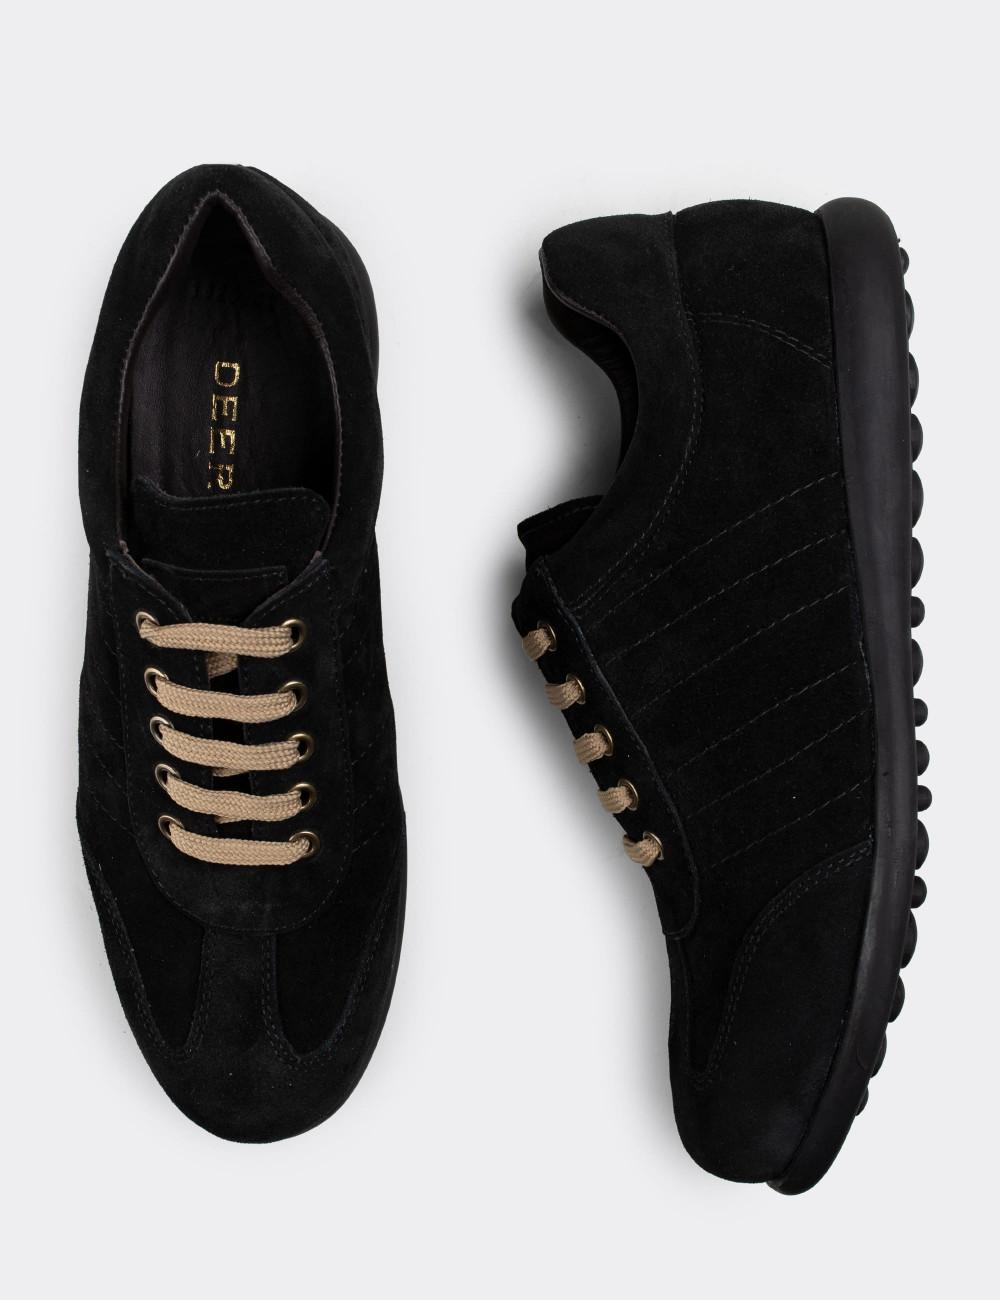 Hakiki Süet Siyah Günlük Erkek Ayakkabı - 01826MSYHC02